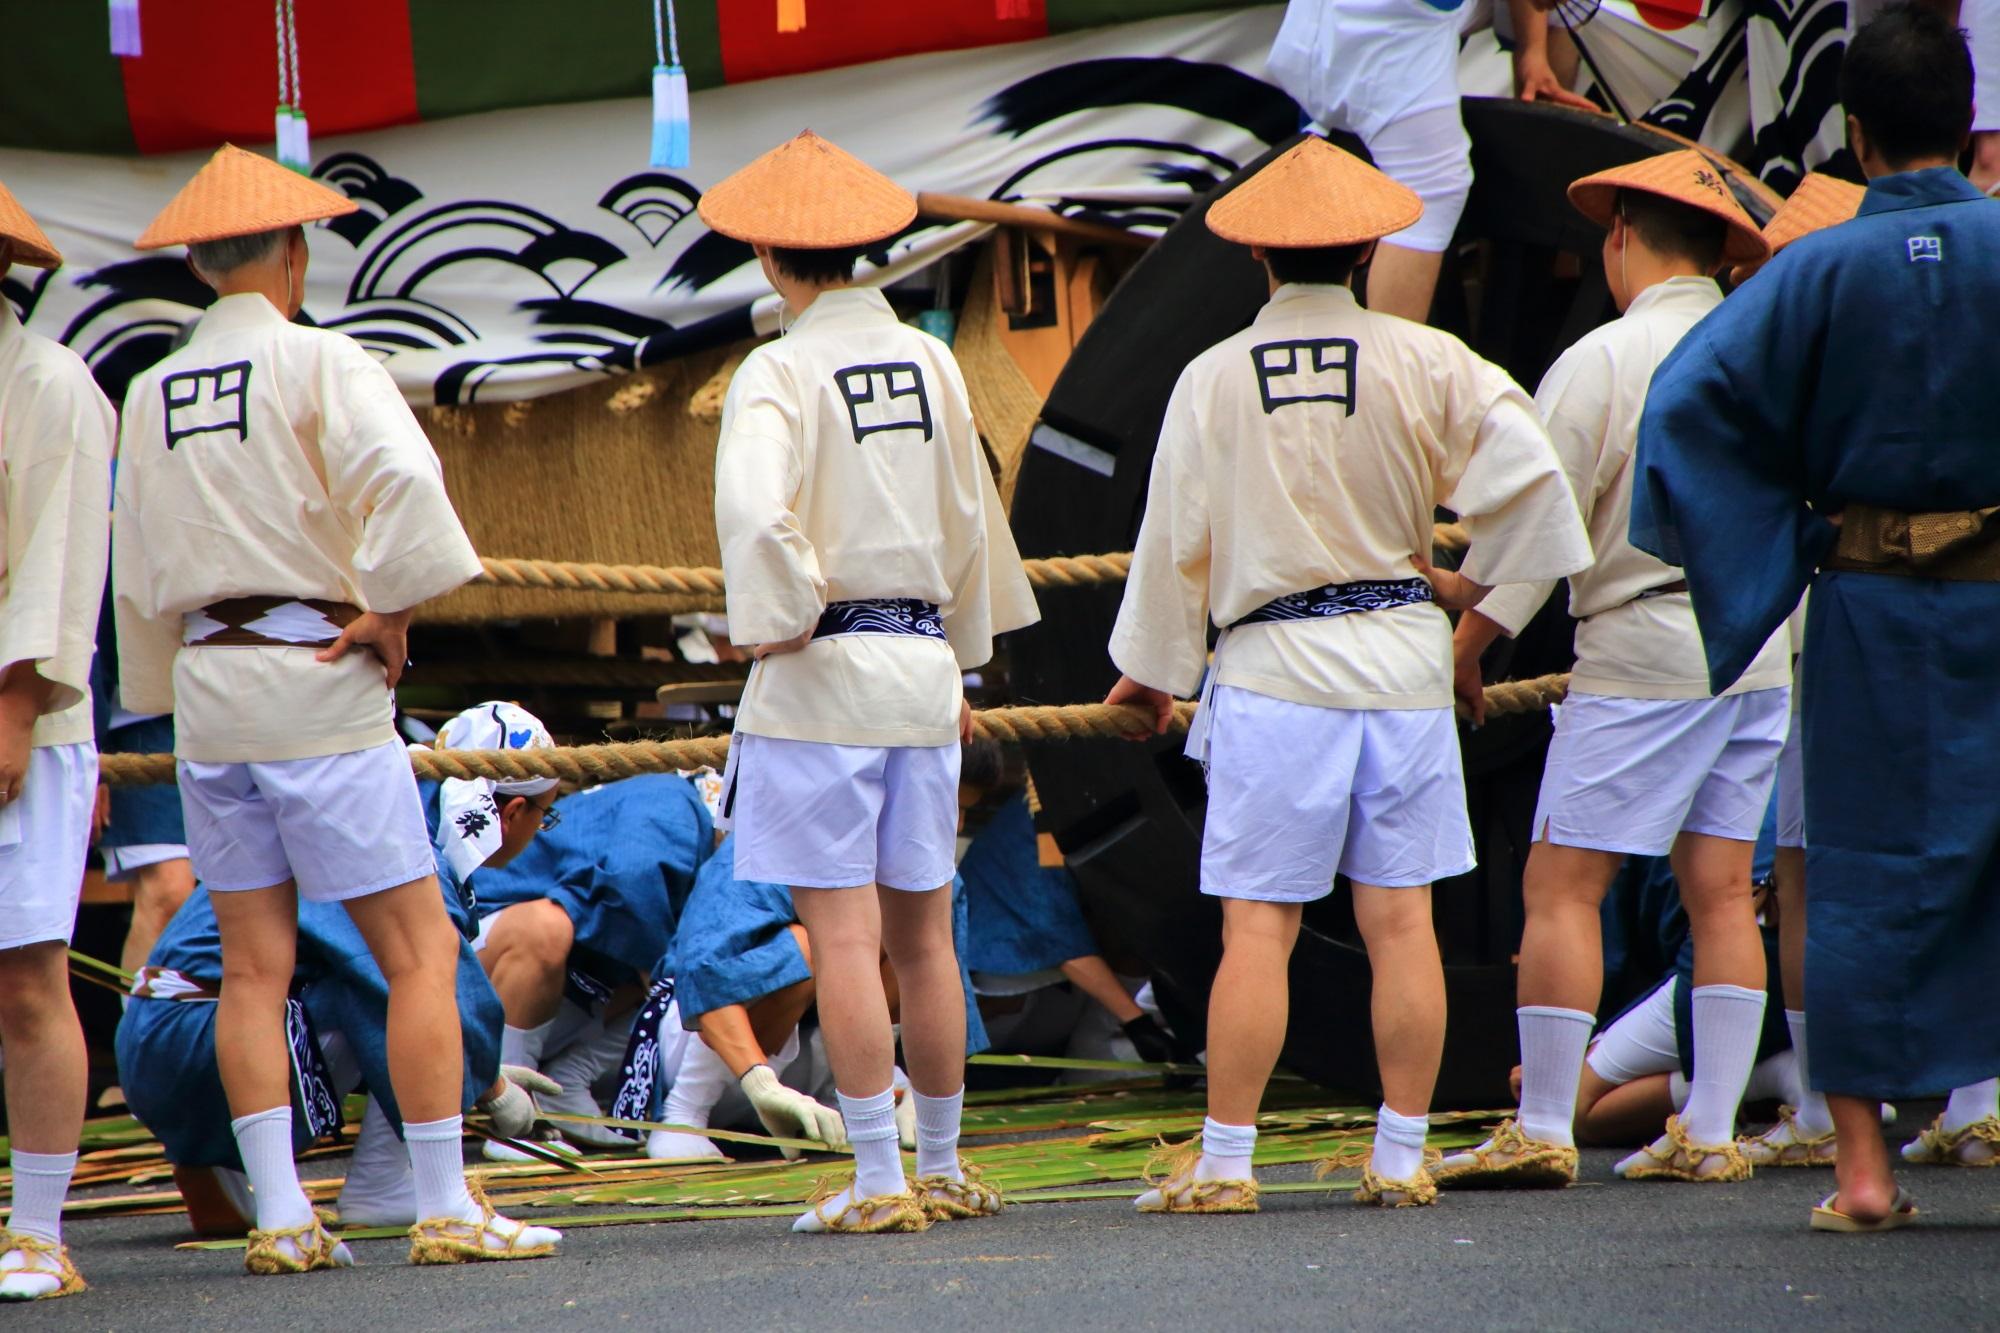 祇園祭後祭の山鉾巡行の大船鉾(おおふねほこ)の辻回し